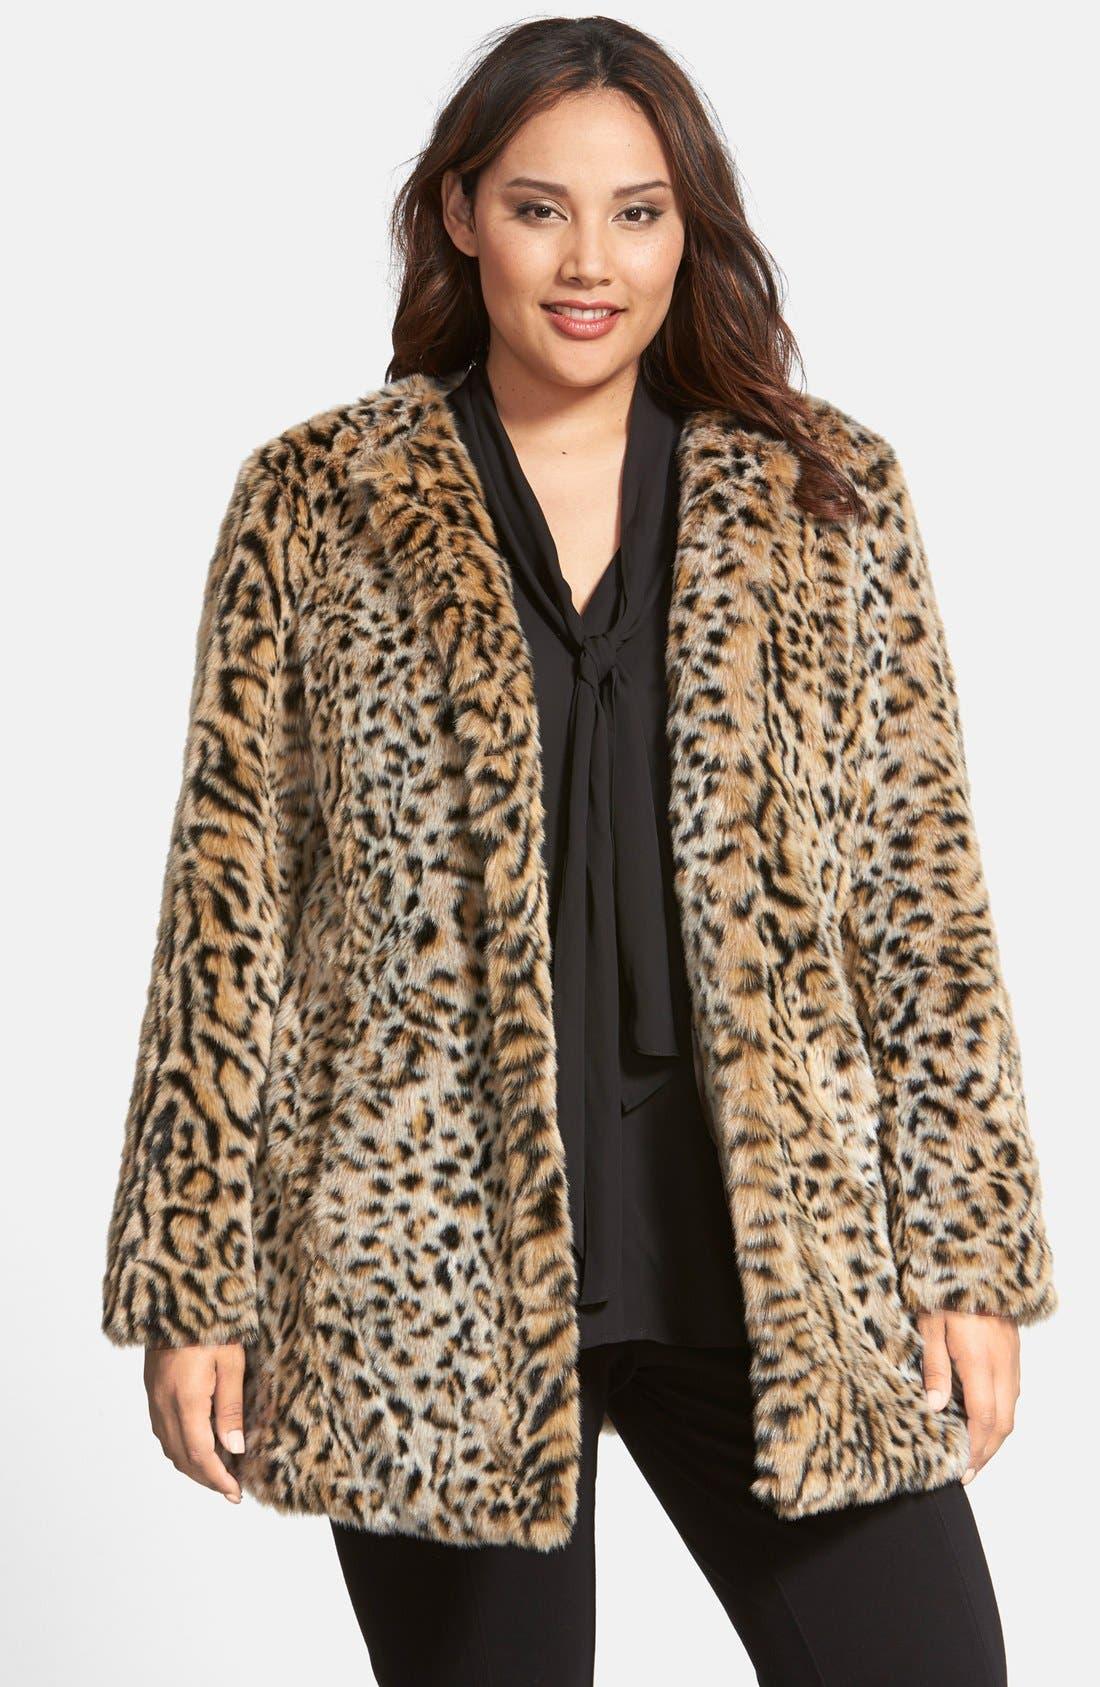 Main Image - Steve Madden Faux Fur Leopard Print Coat (Plus Size)